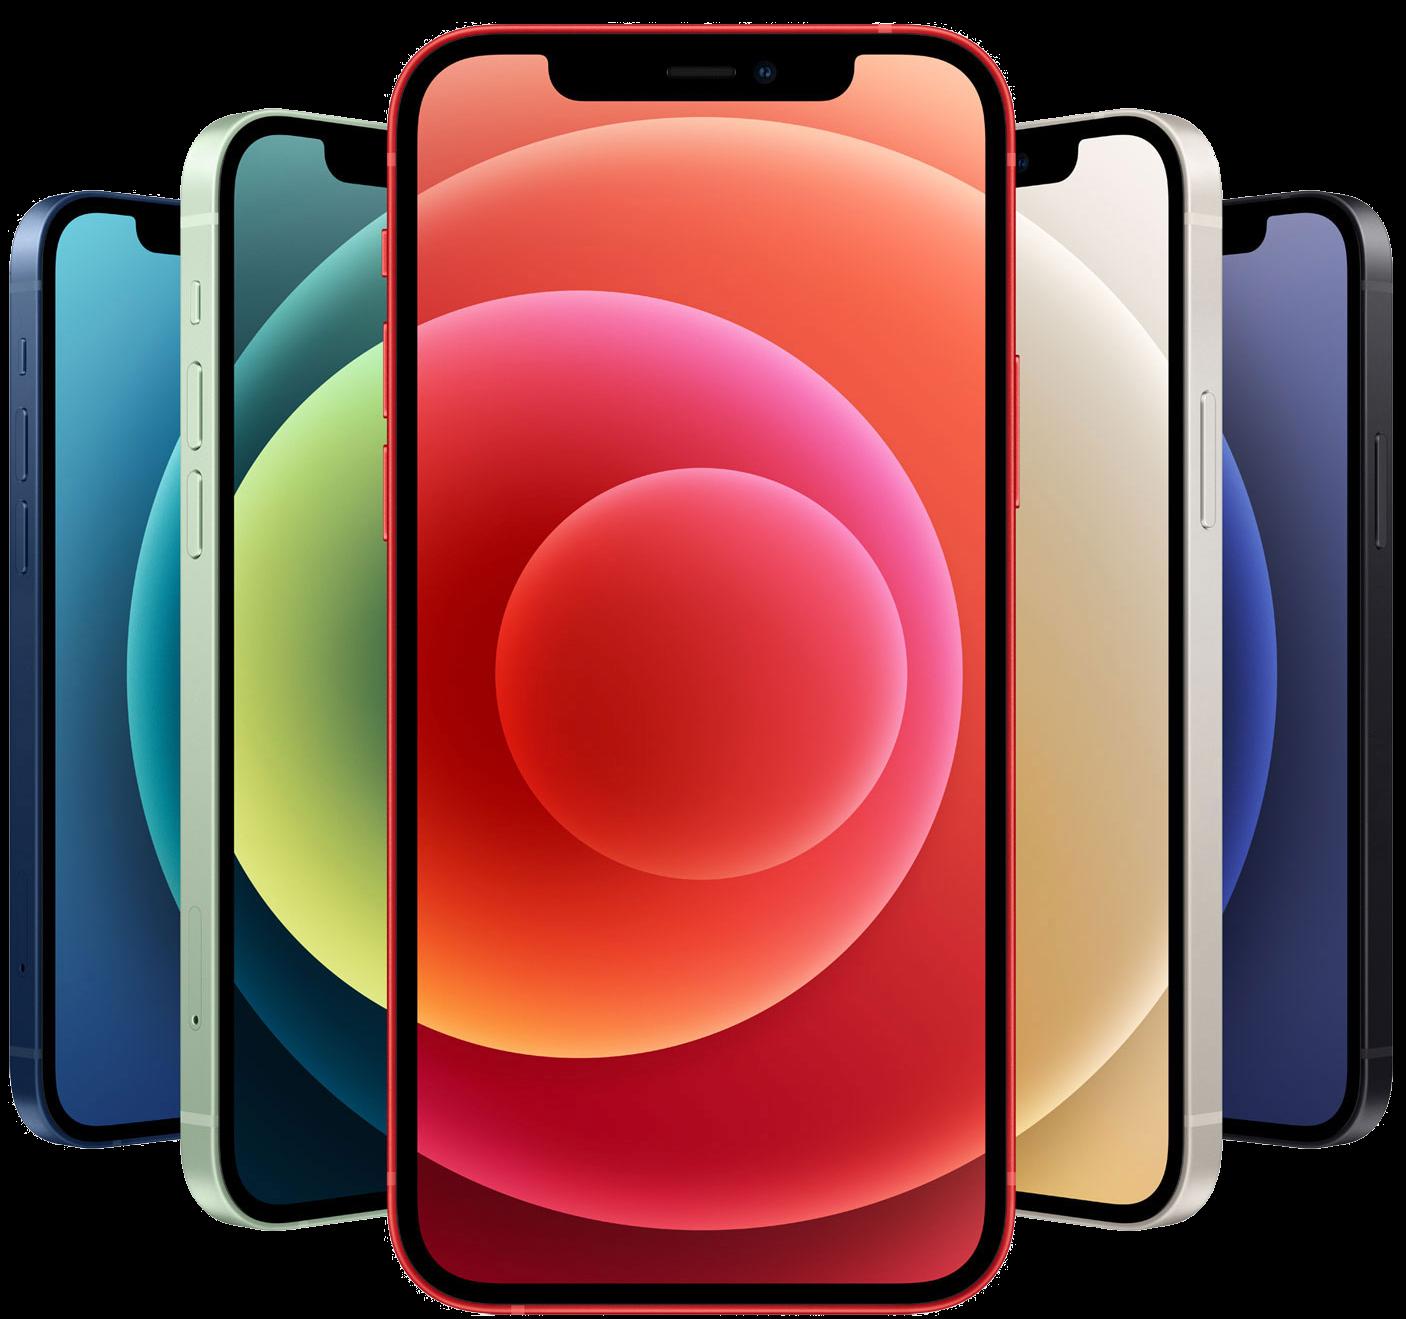 Vendita iPhone ricondizionatati a Verona